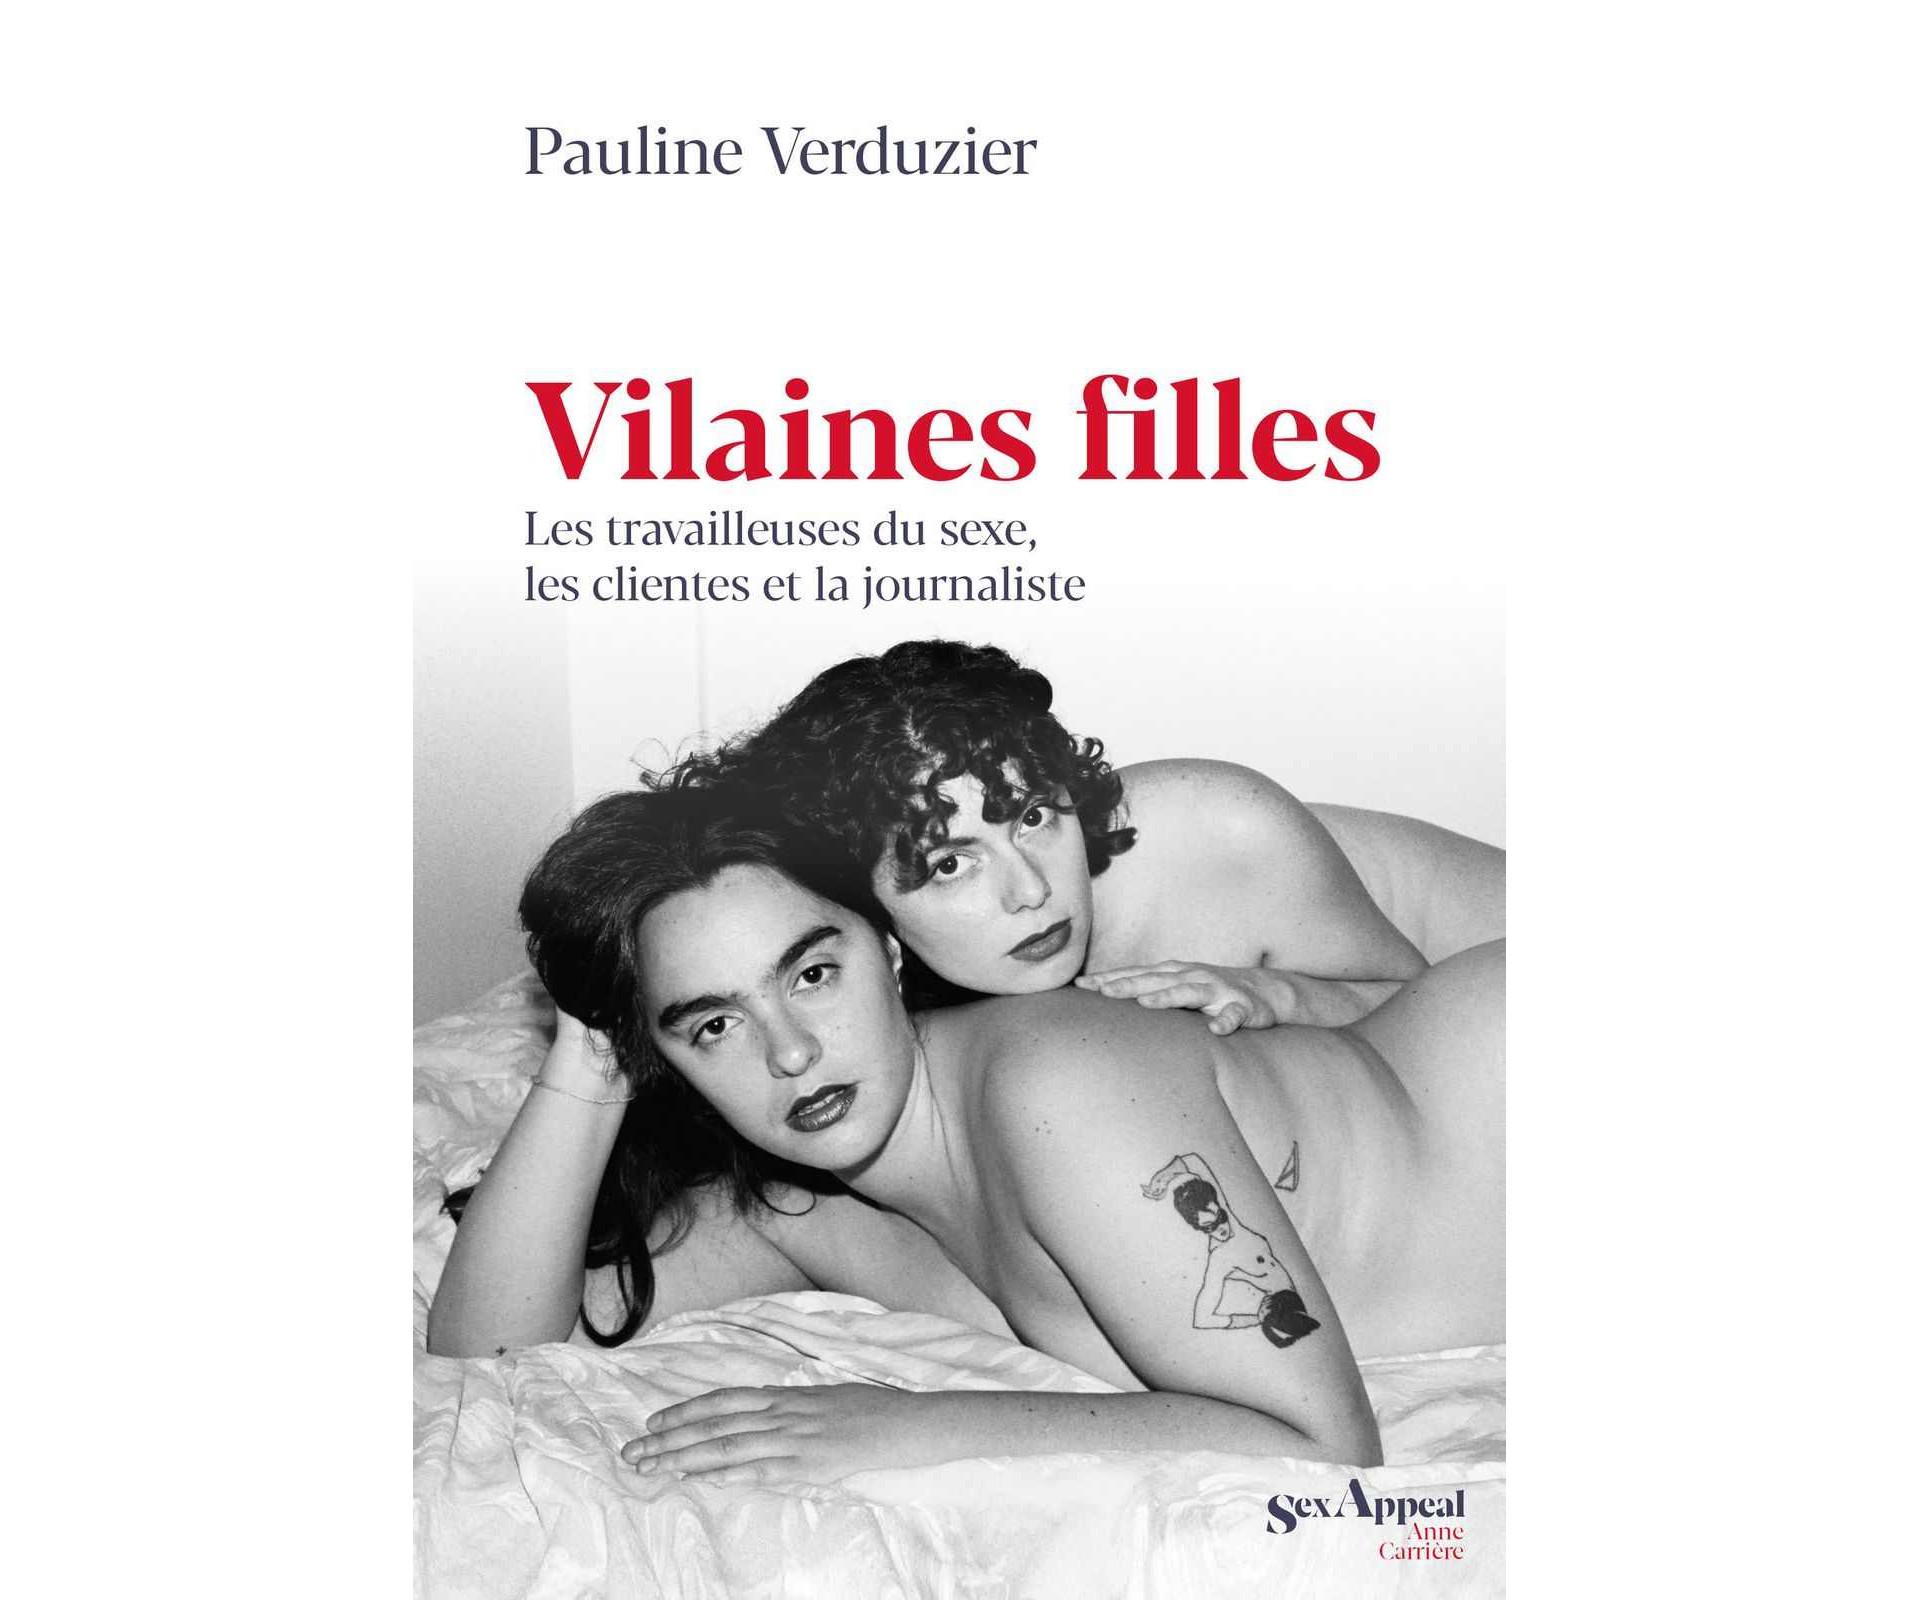 Vilaines filles de Pauline Verduzier